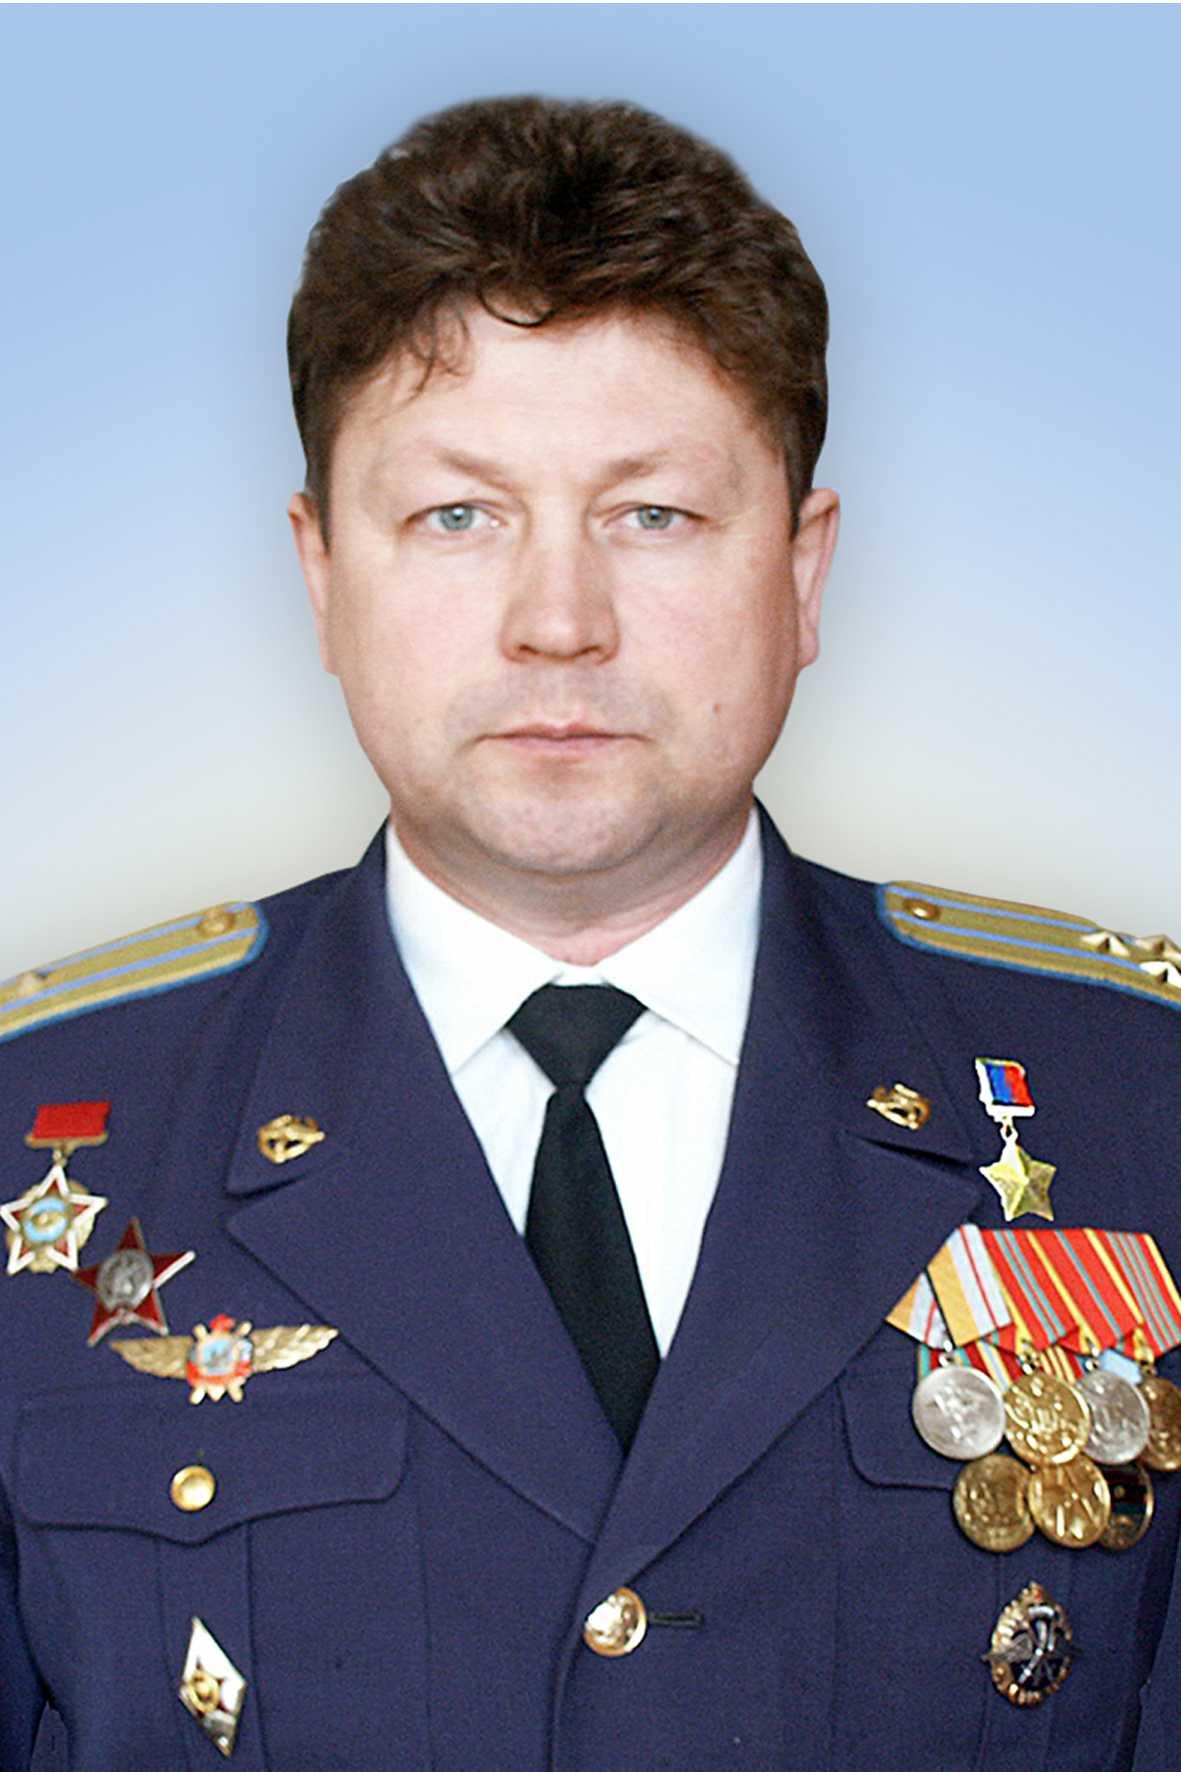 Герой Российской Федерации полковник Маслов Сергей Владимирович